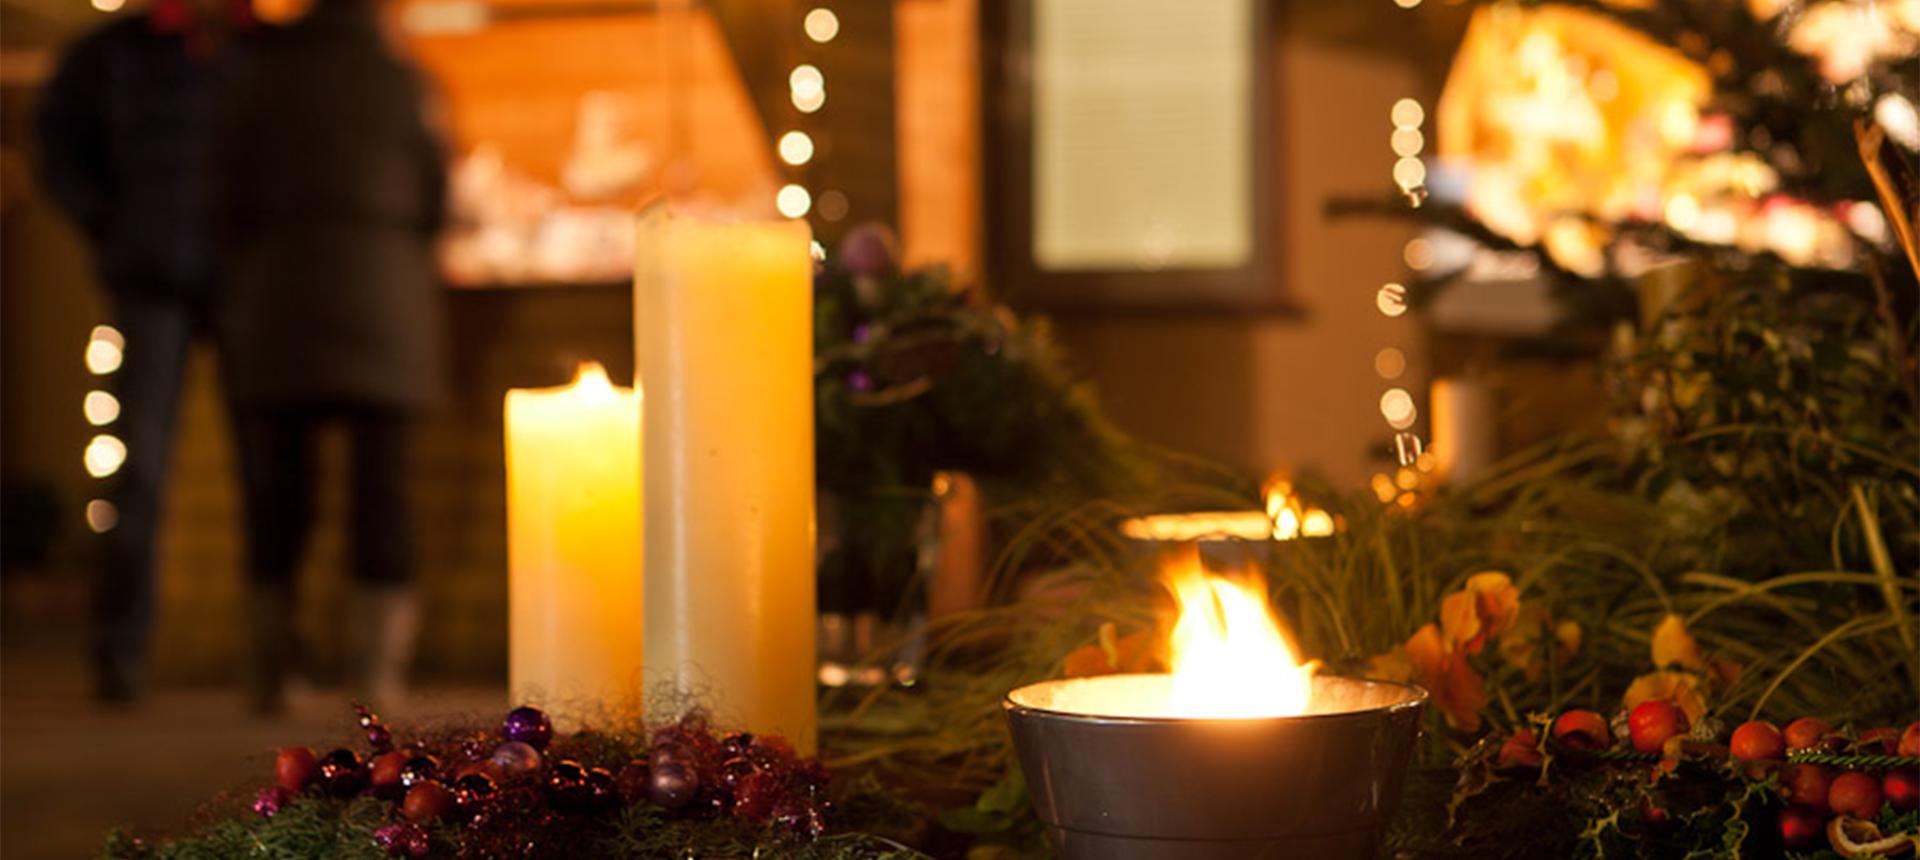 Dorfweihnachten